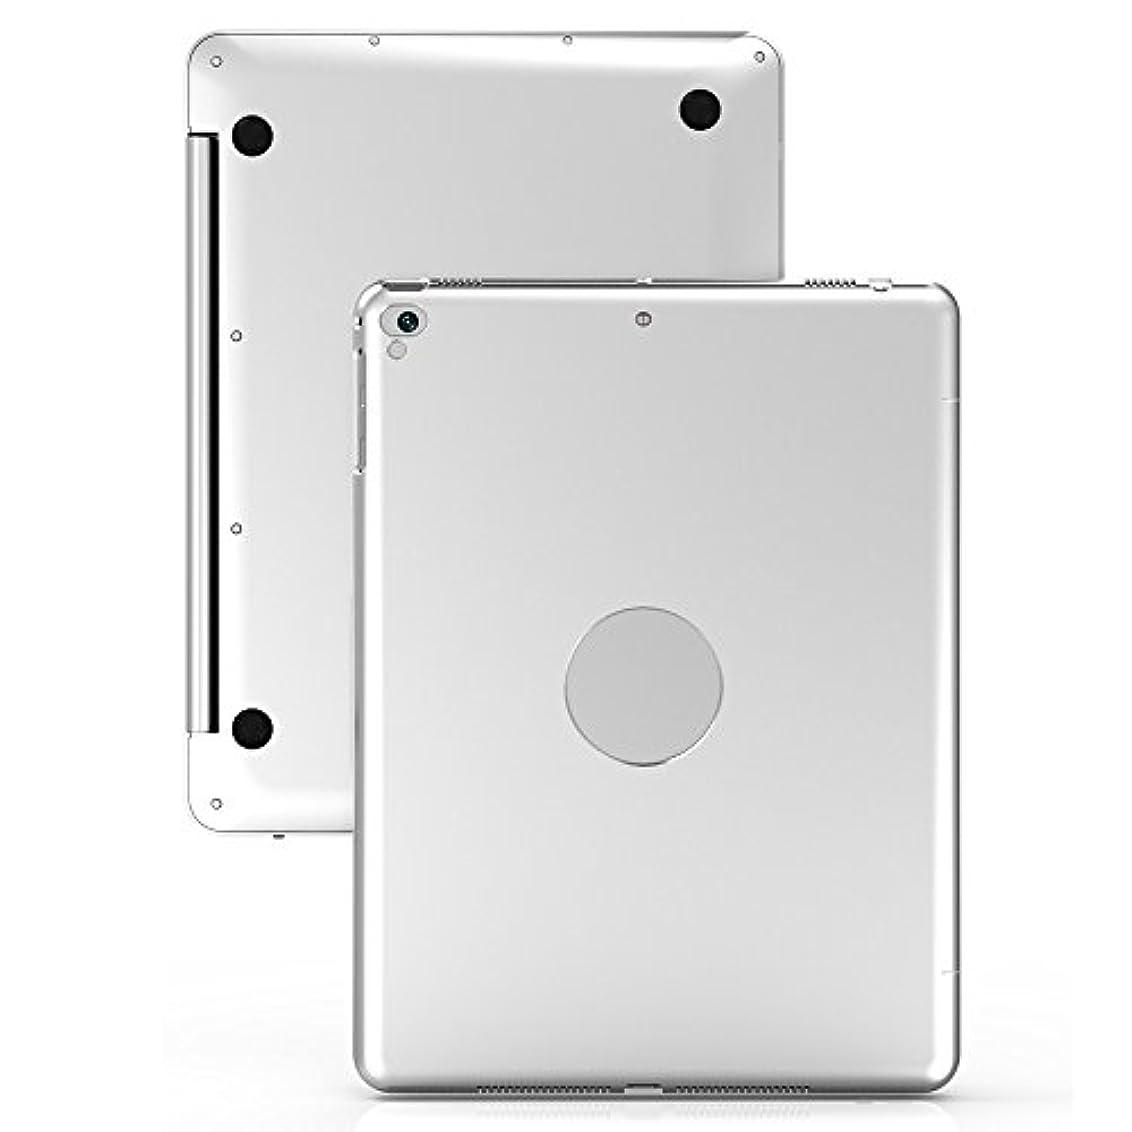 彼広告主ハントElecguru iPadのプロ9.7 / iPadのair1 / air2 / 2017のためのキーボードケース新しいiPad 9.7ワイヤレスBluetoothキーボード保護ケースキーボード カバー (シルバー)